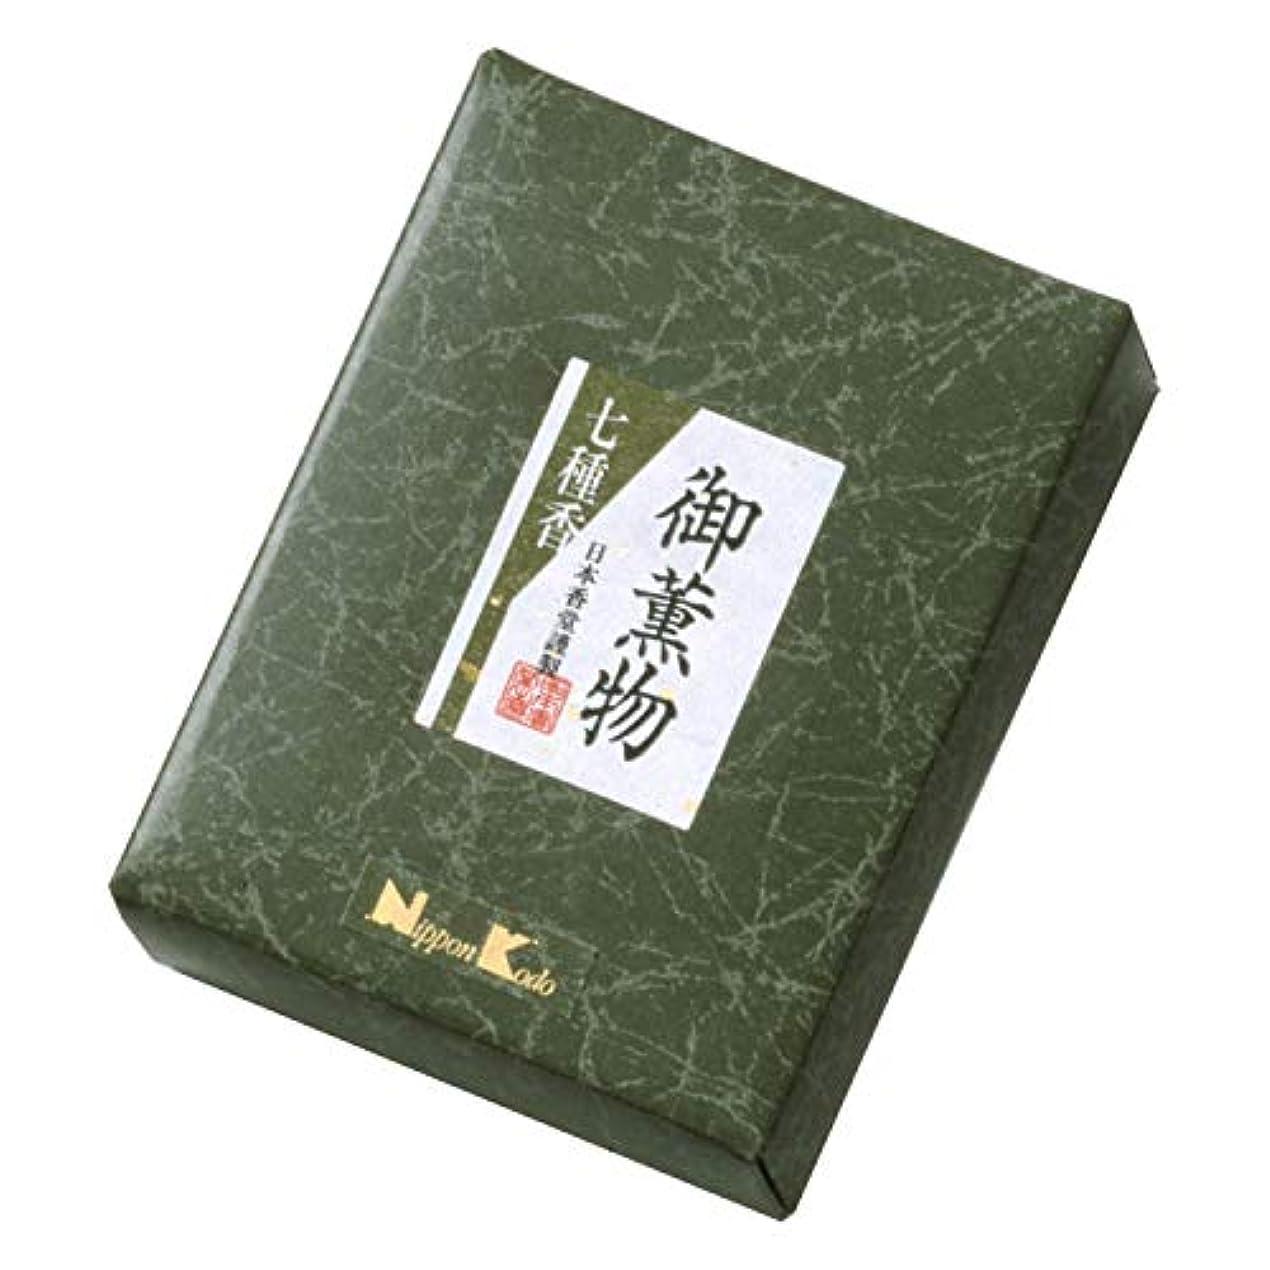 敬の念書店うまくやる()御薫物七種香 30g